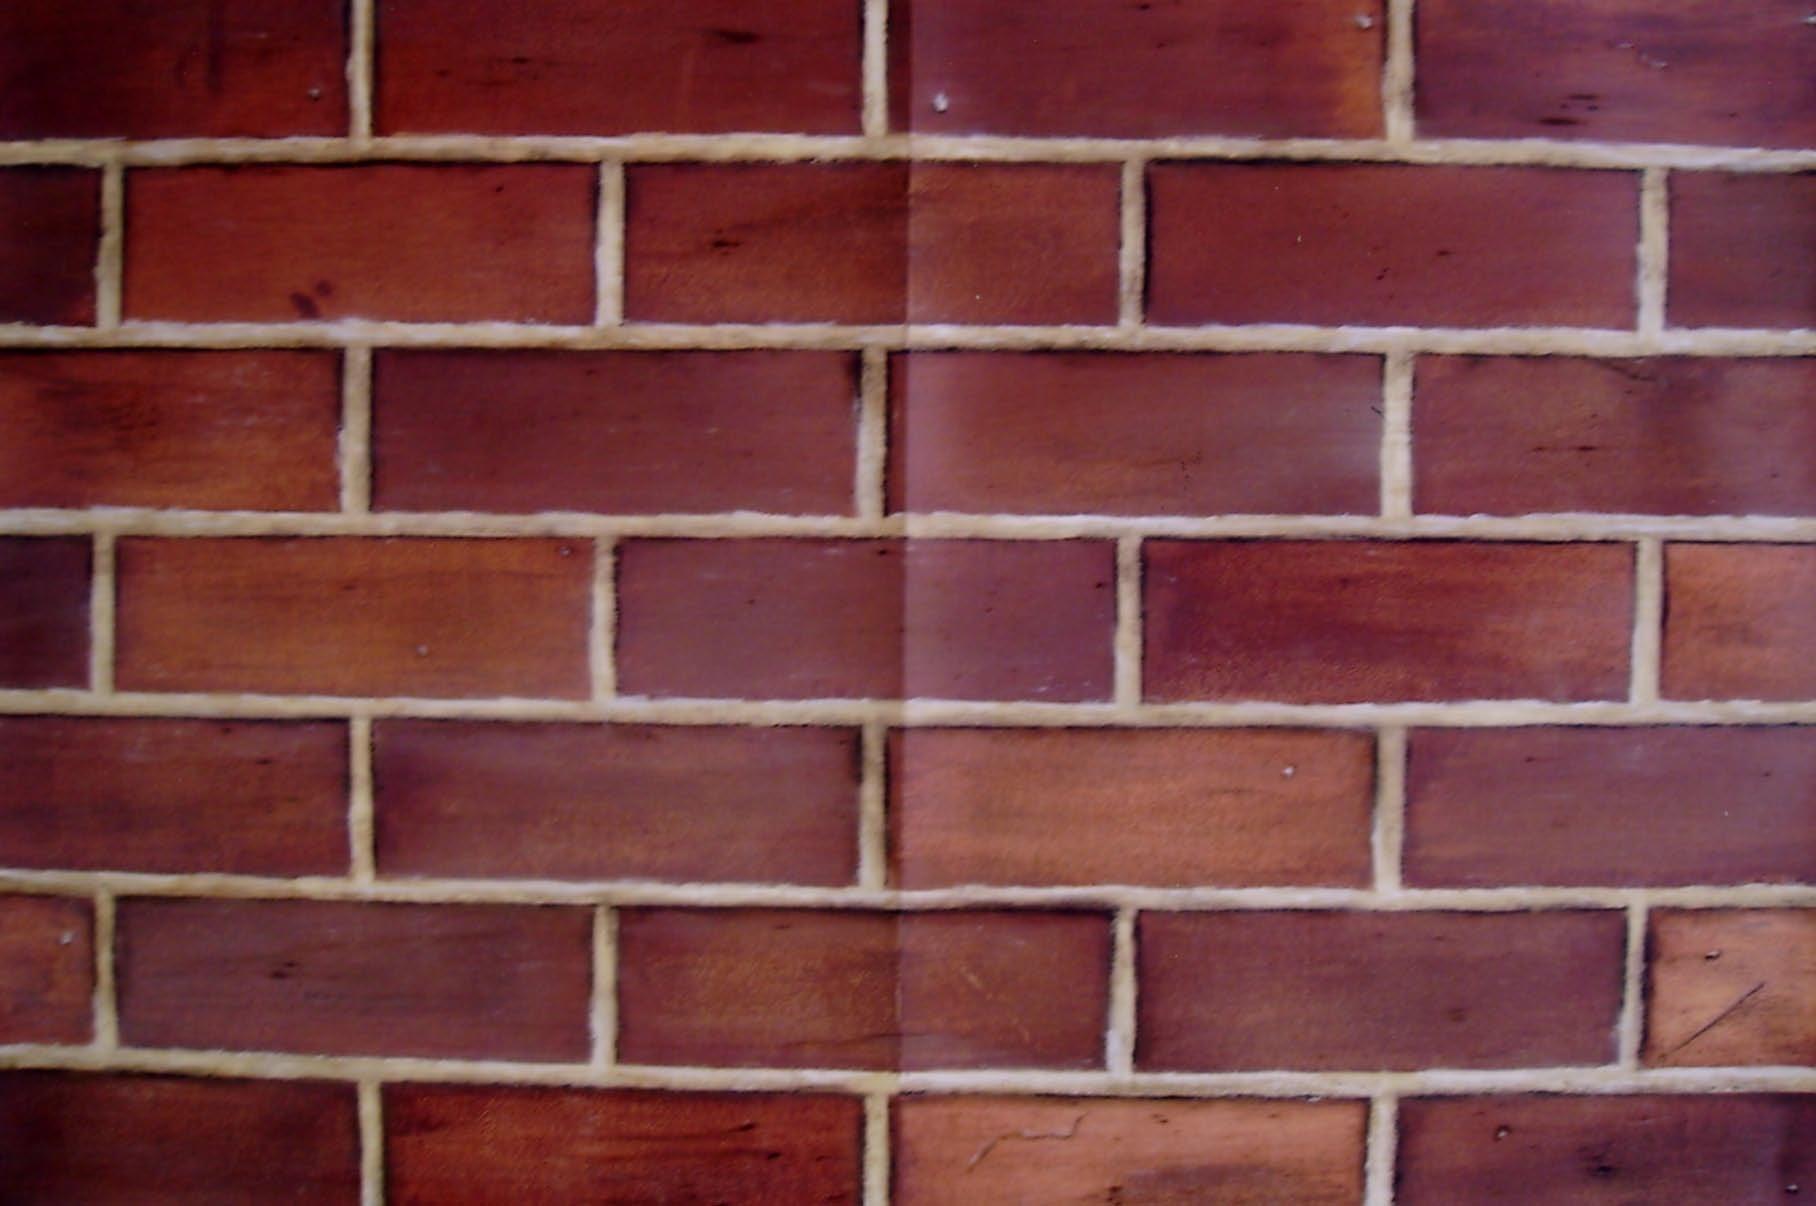 Effet de briques en trompe l'œil sur toile à maroufler